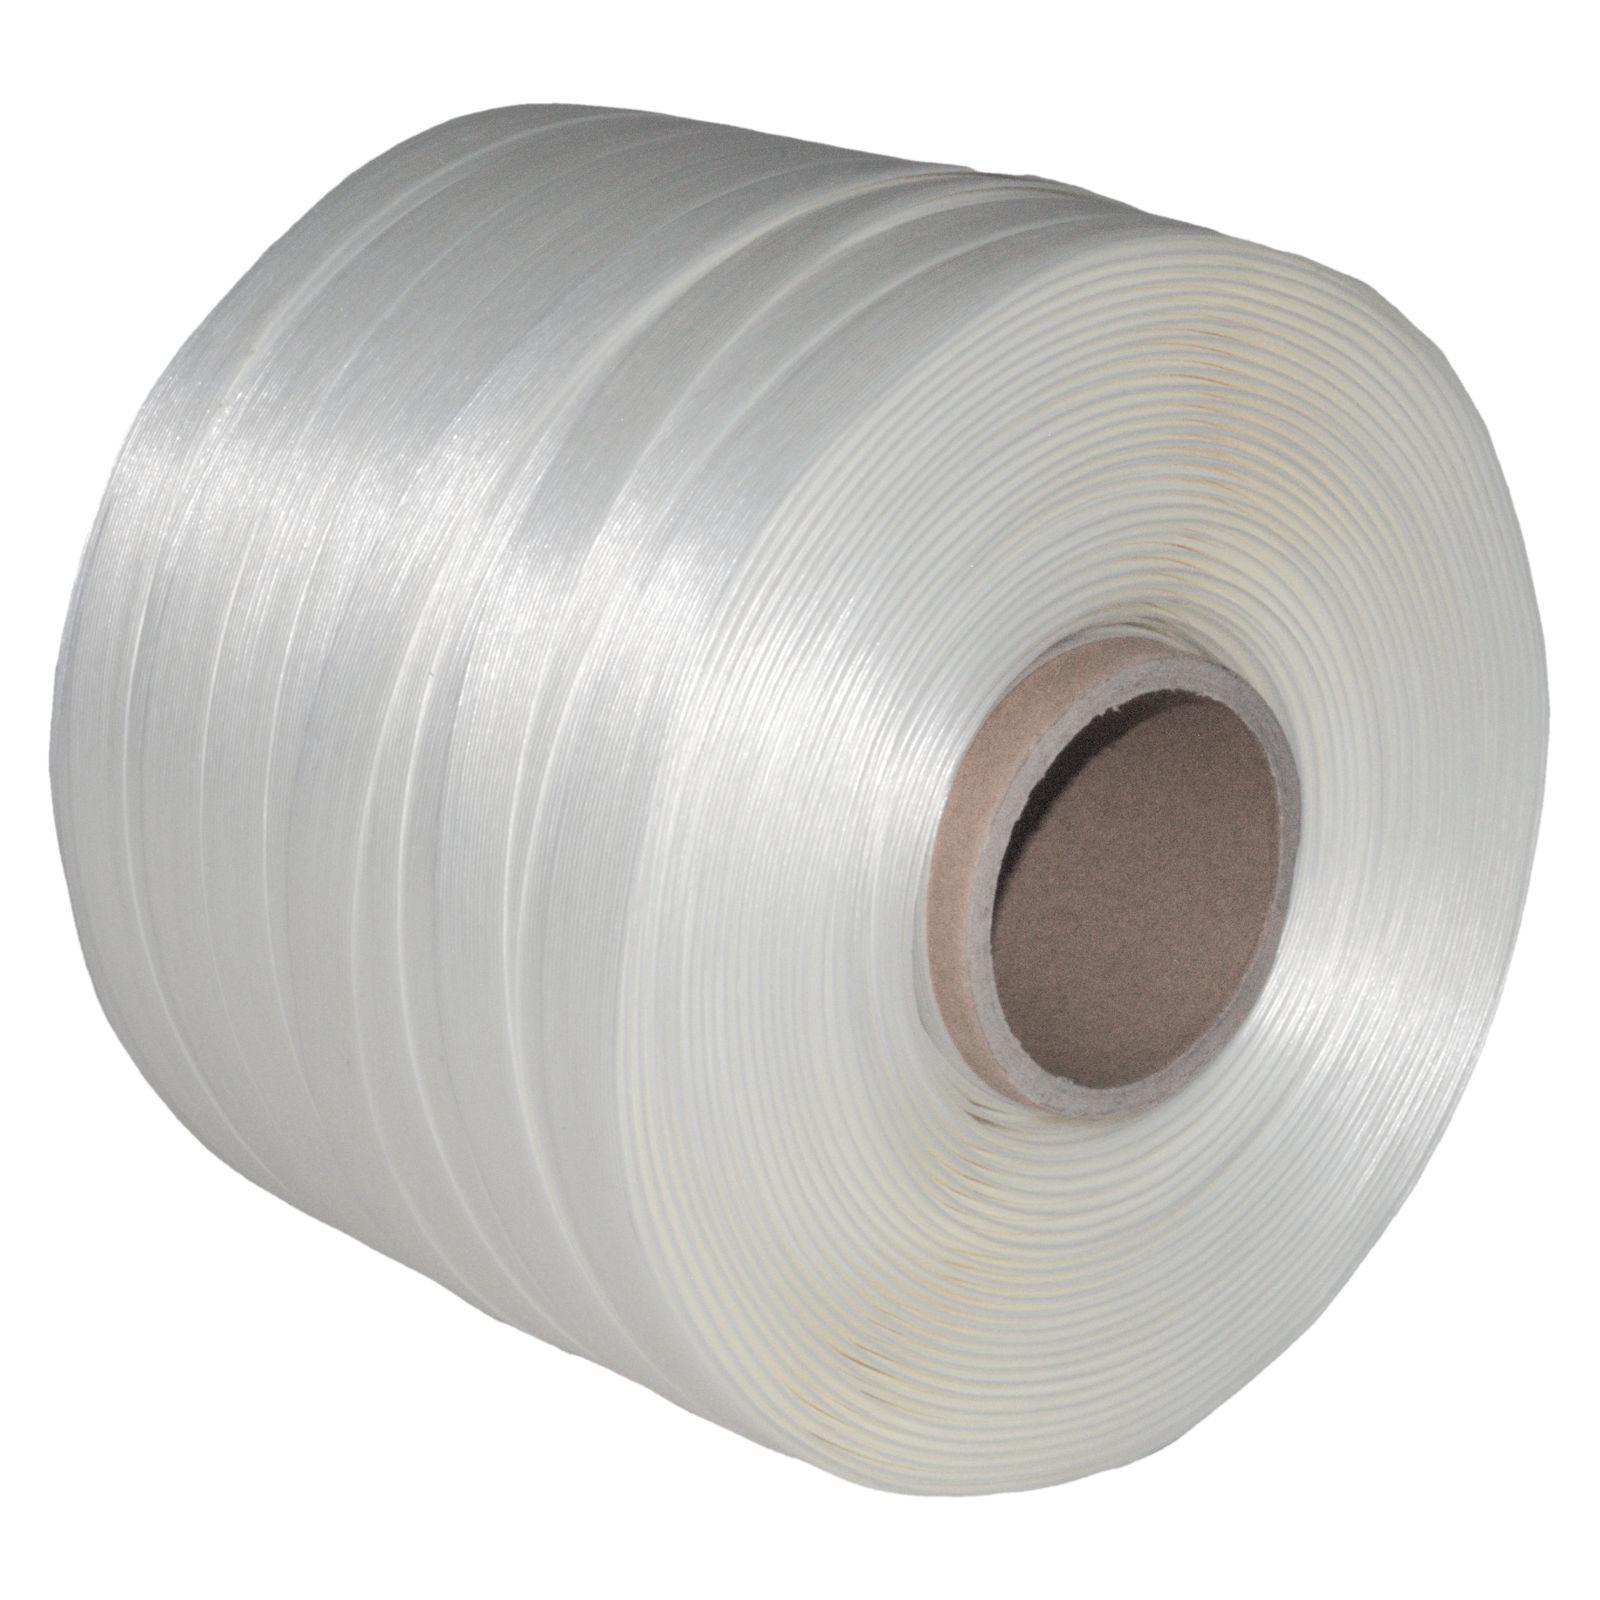 4011367200053 Transparente Skizzierpapierrolle 0,64x20m 40 45 g qm 10620005